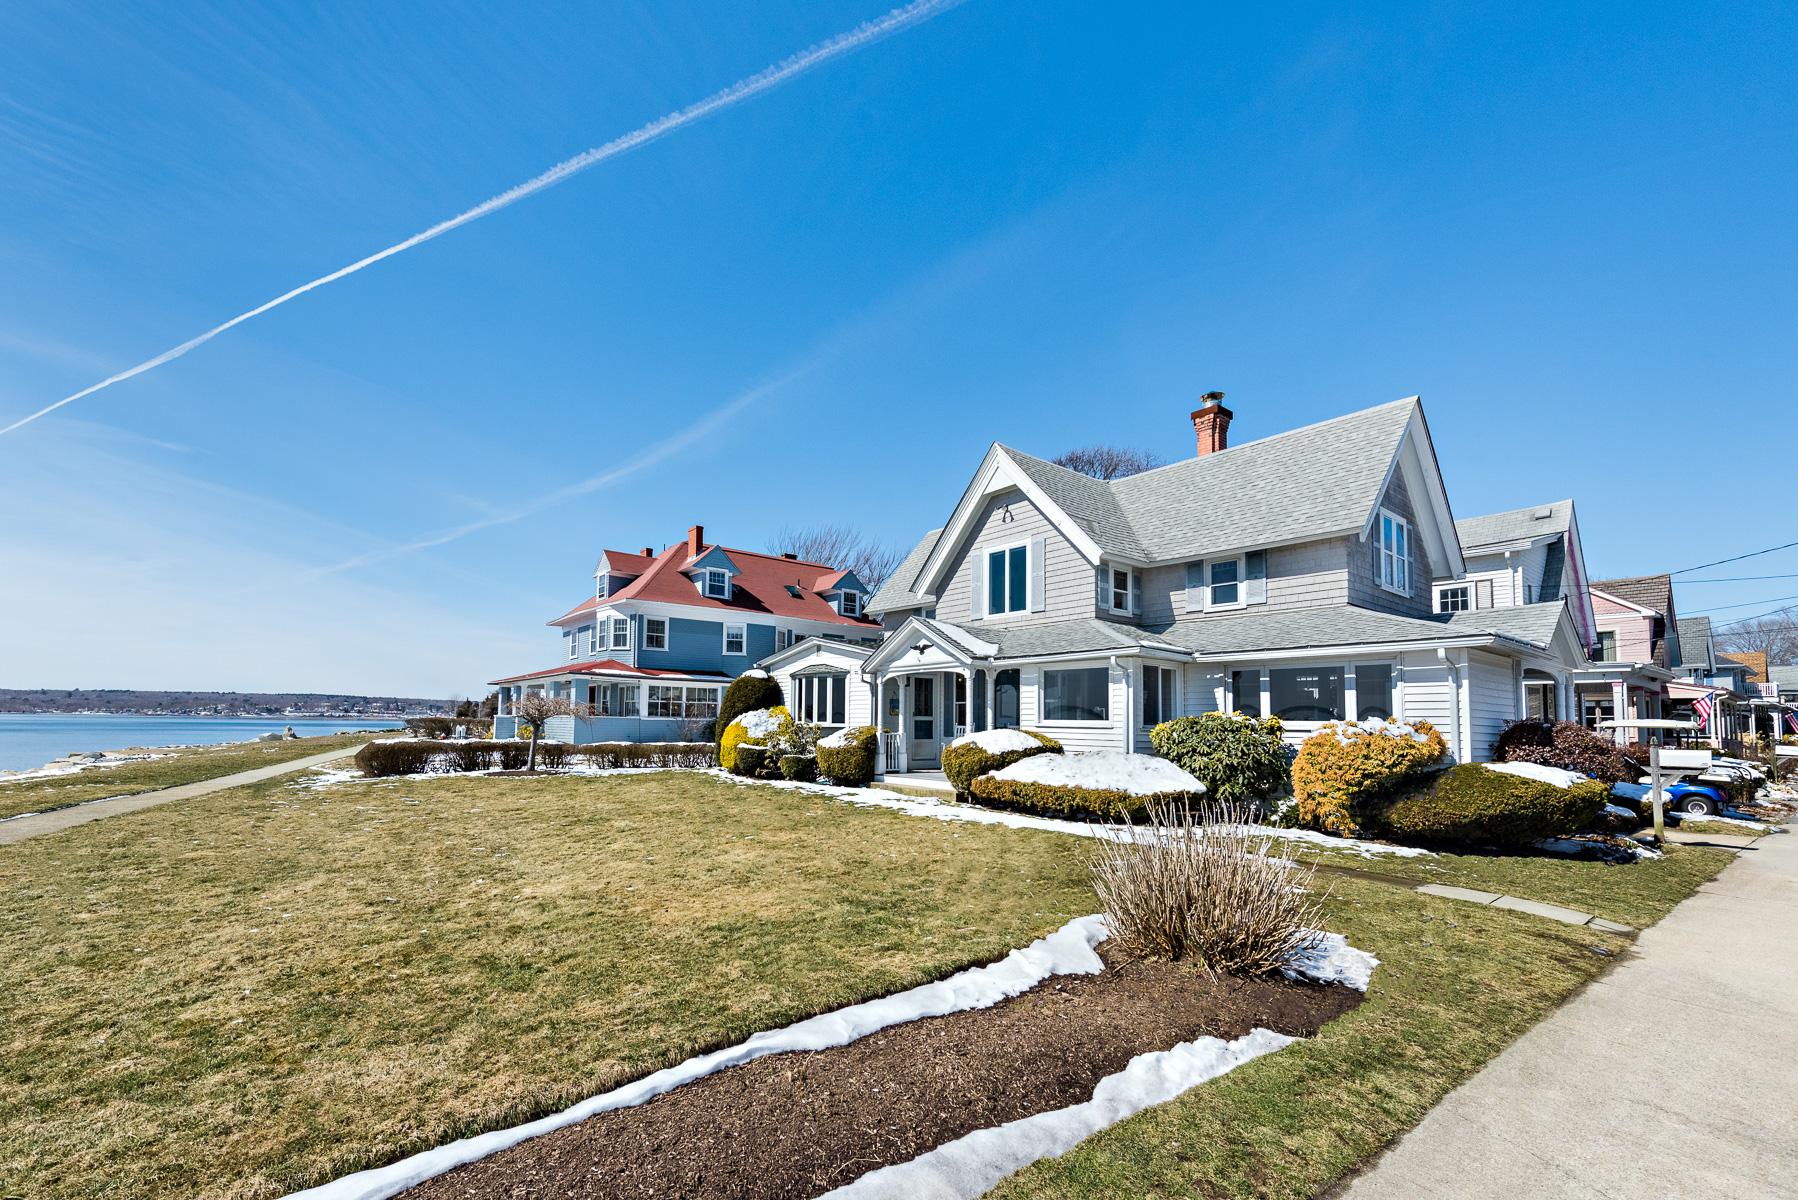 独户住宅 为 销售 在 53 Tenth Av, Warwick, RI 沃里克, 罗得岛 02886 美国